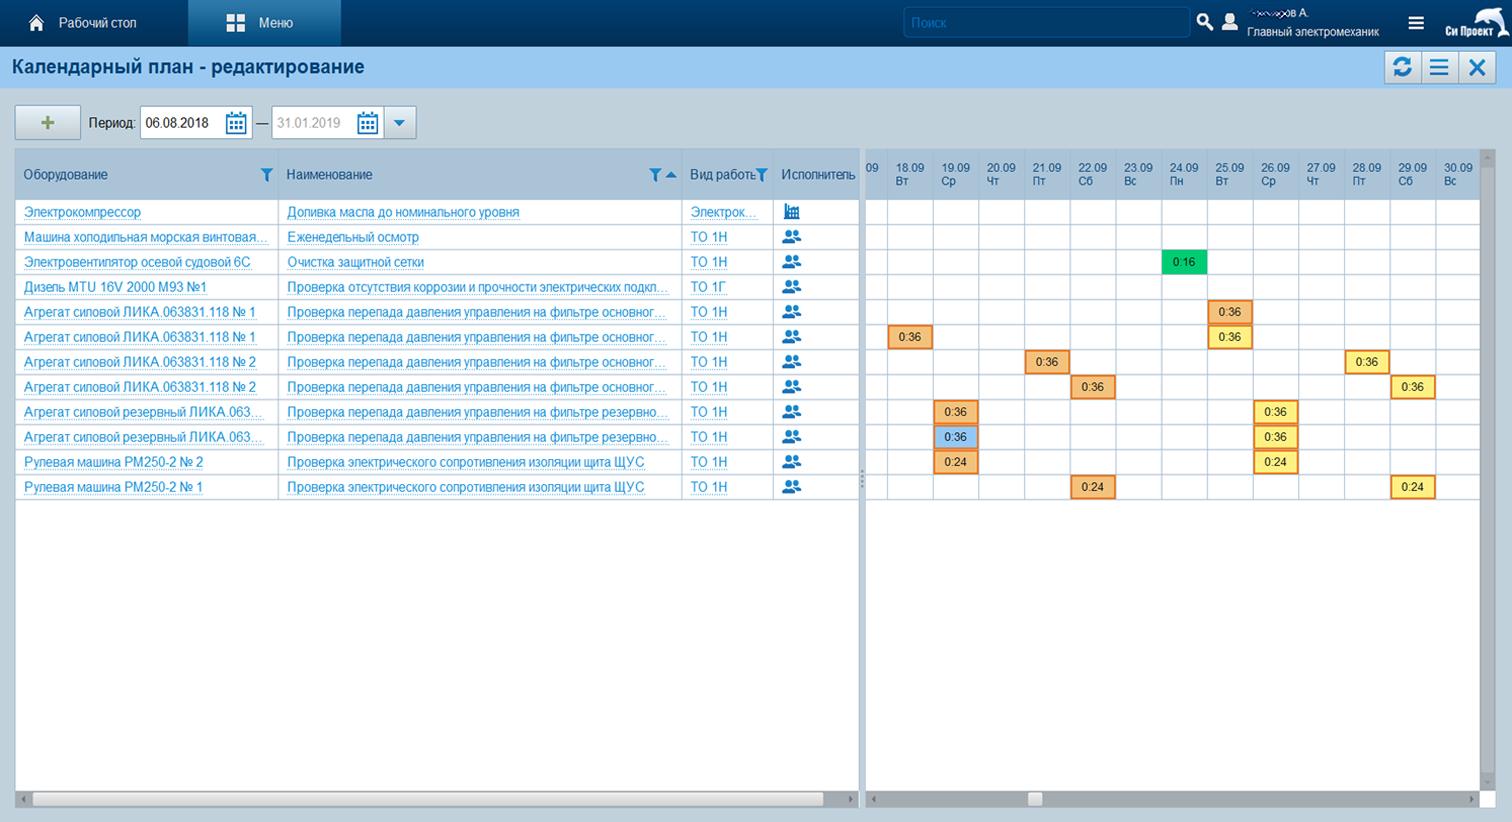 Календарный план технического обслуживания и ремонта в программном продукте Seascape